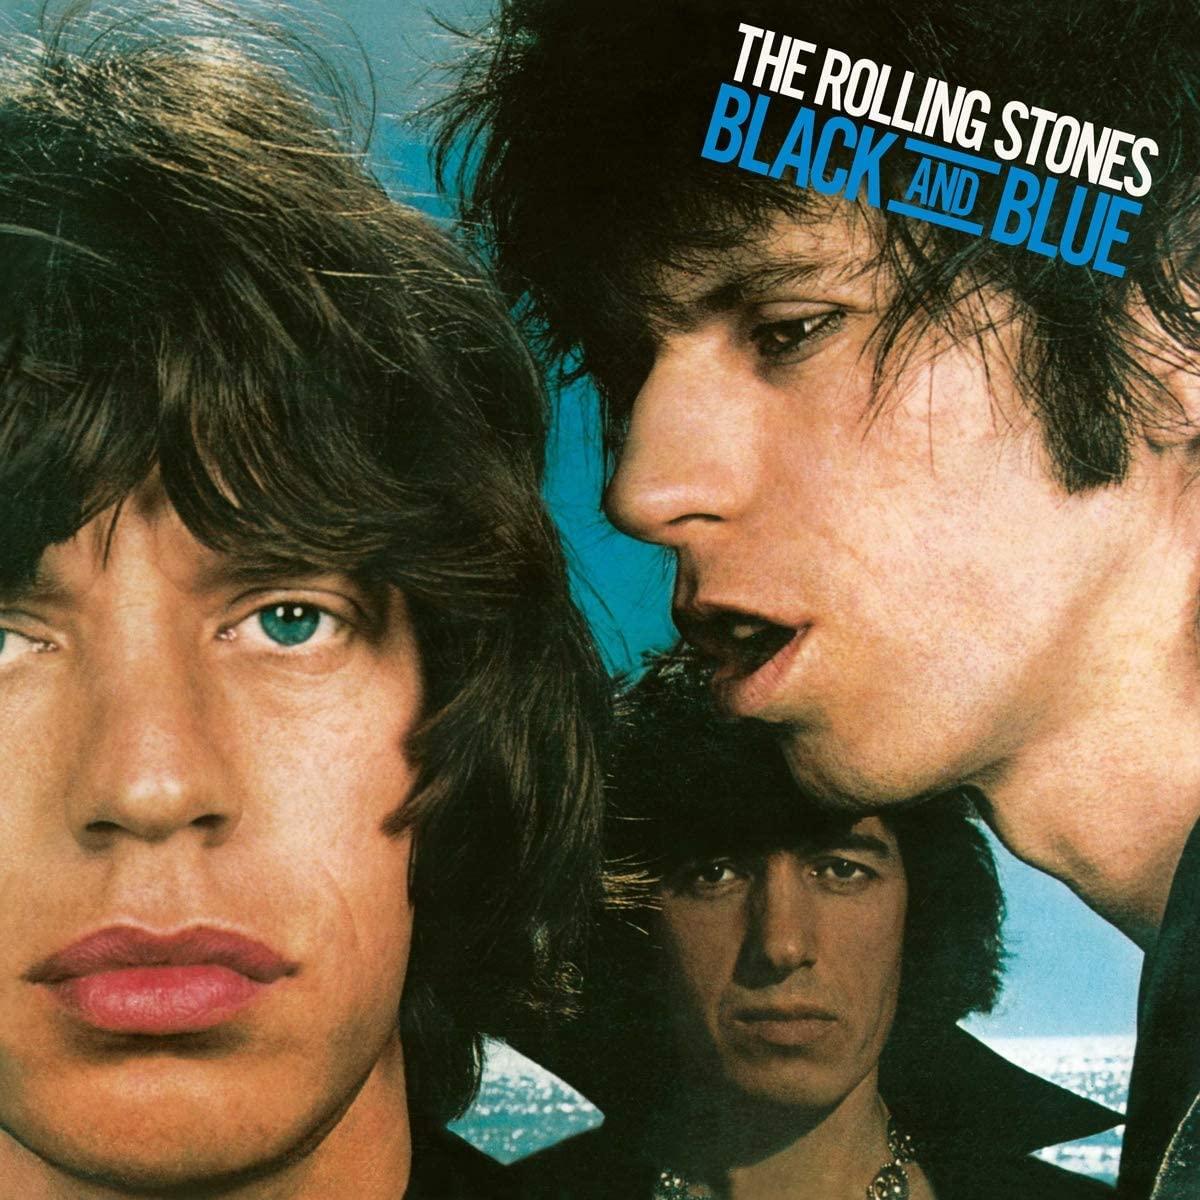 Copertina Vinile 33 giri Black and Blue di The Rolling Stones